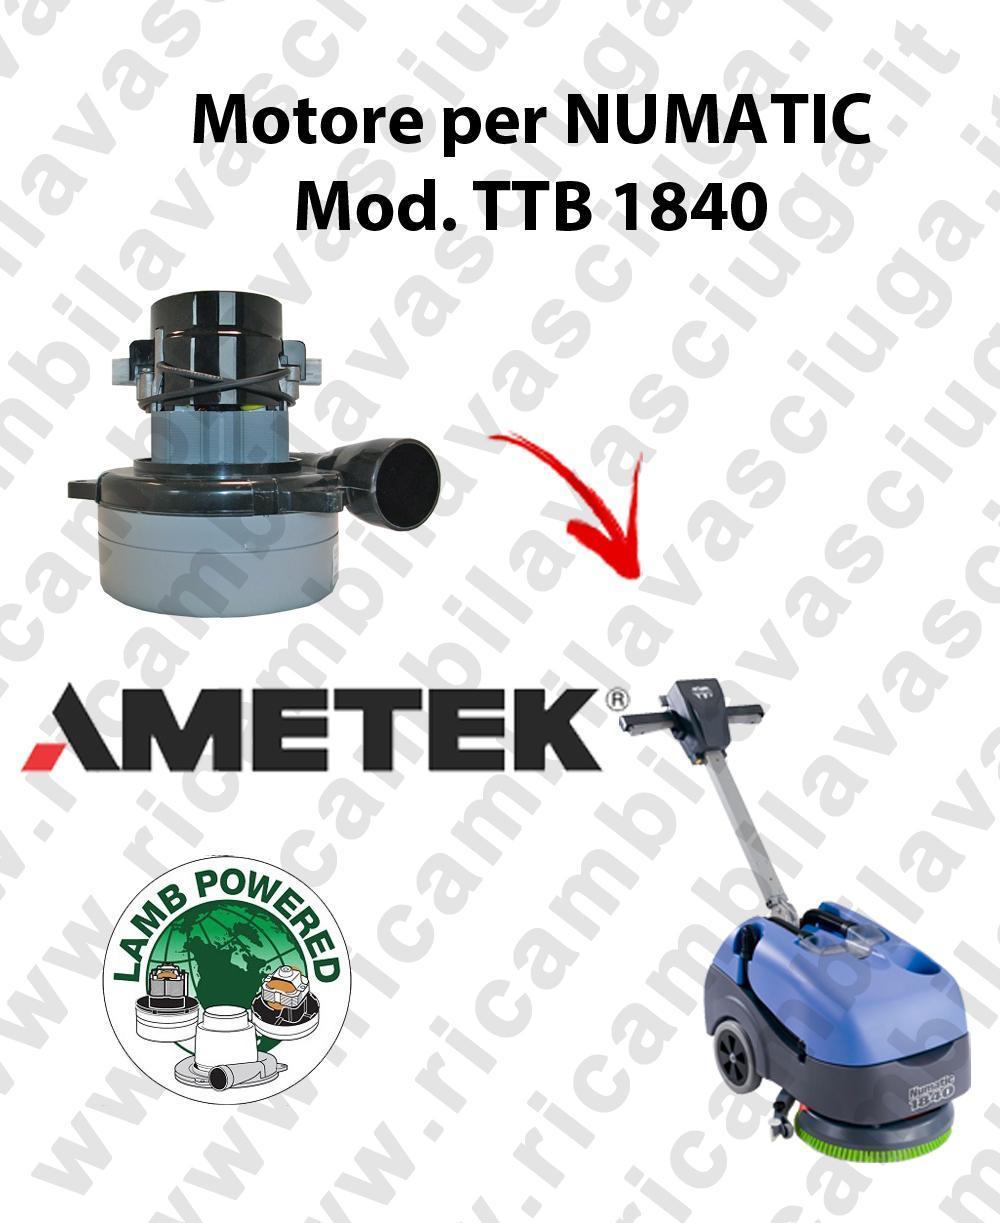 TTB 1840 moteur aspiration AMETEK autolaveuses NUMATIC